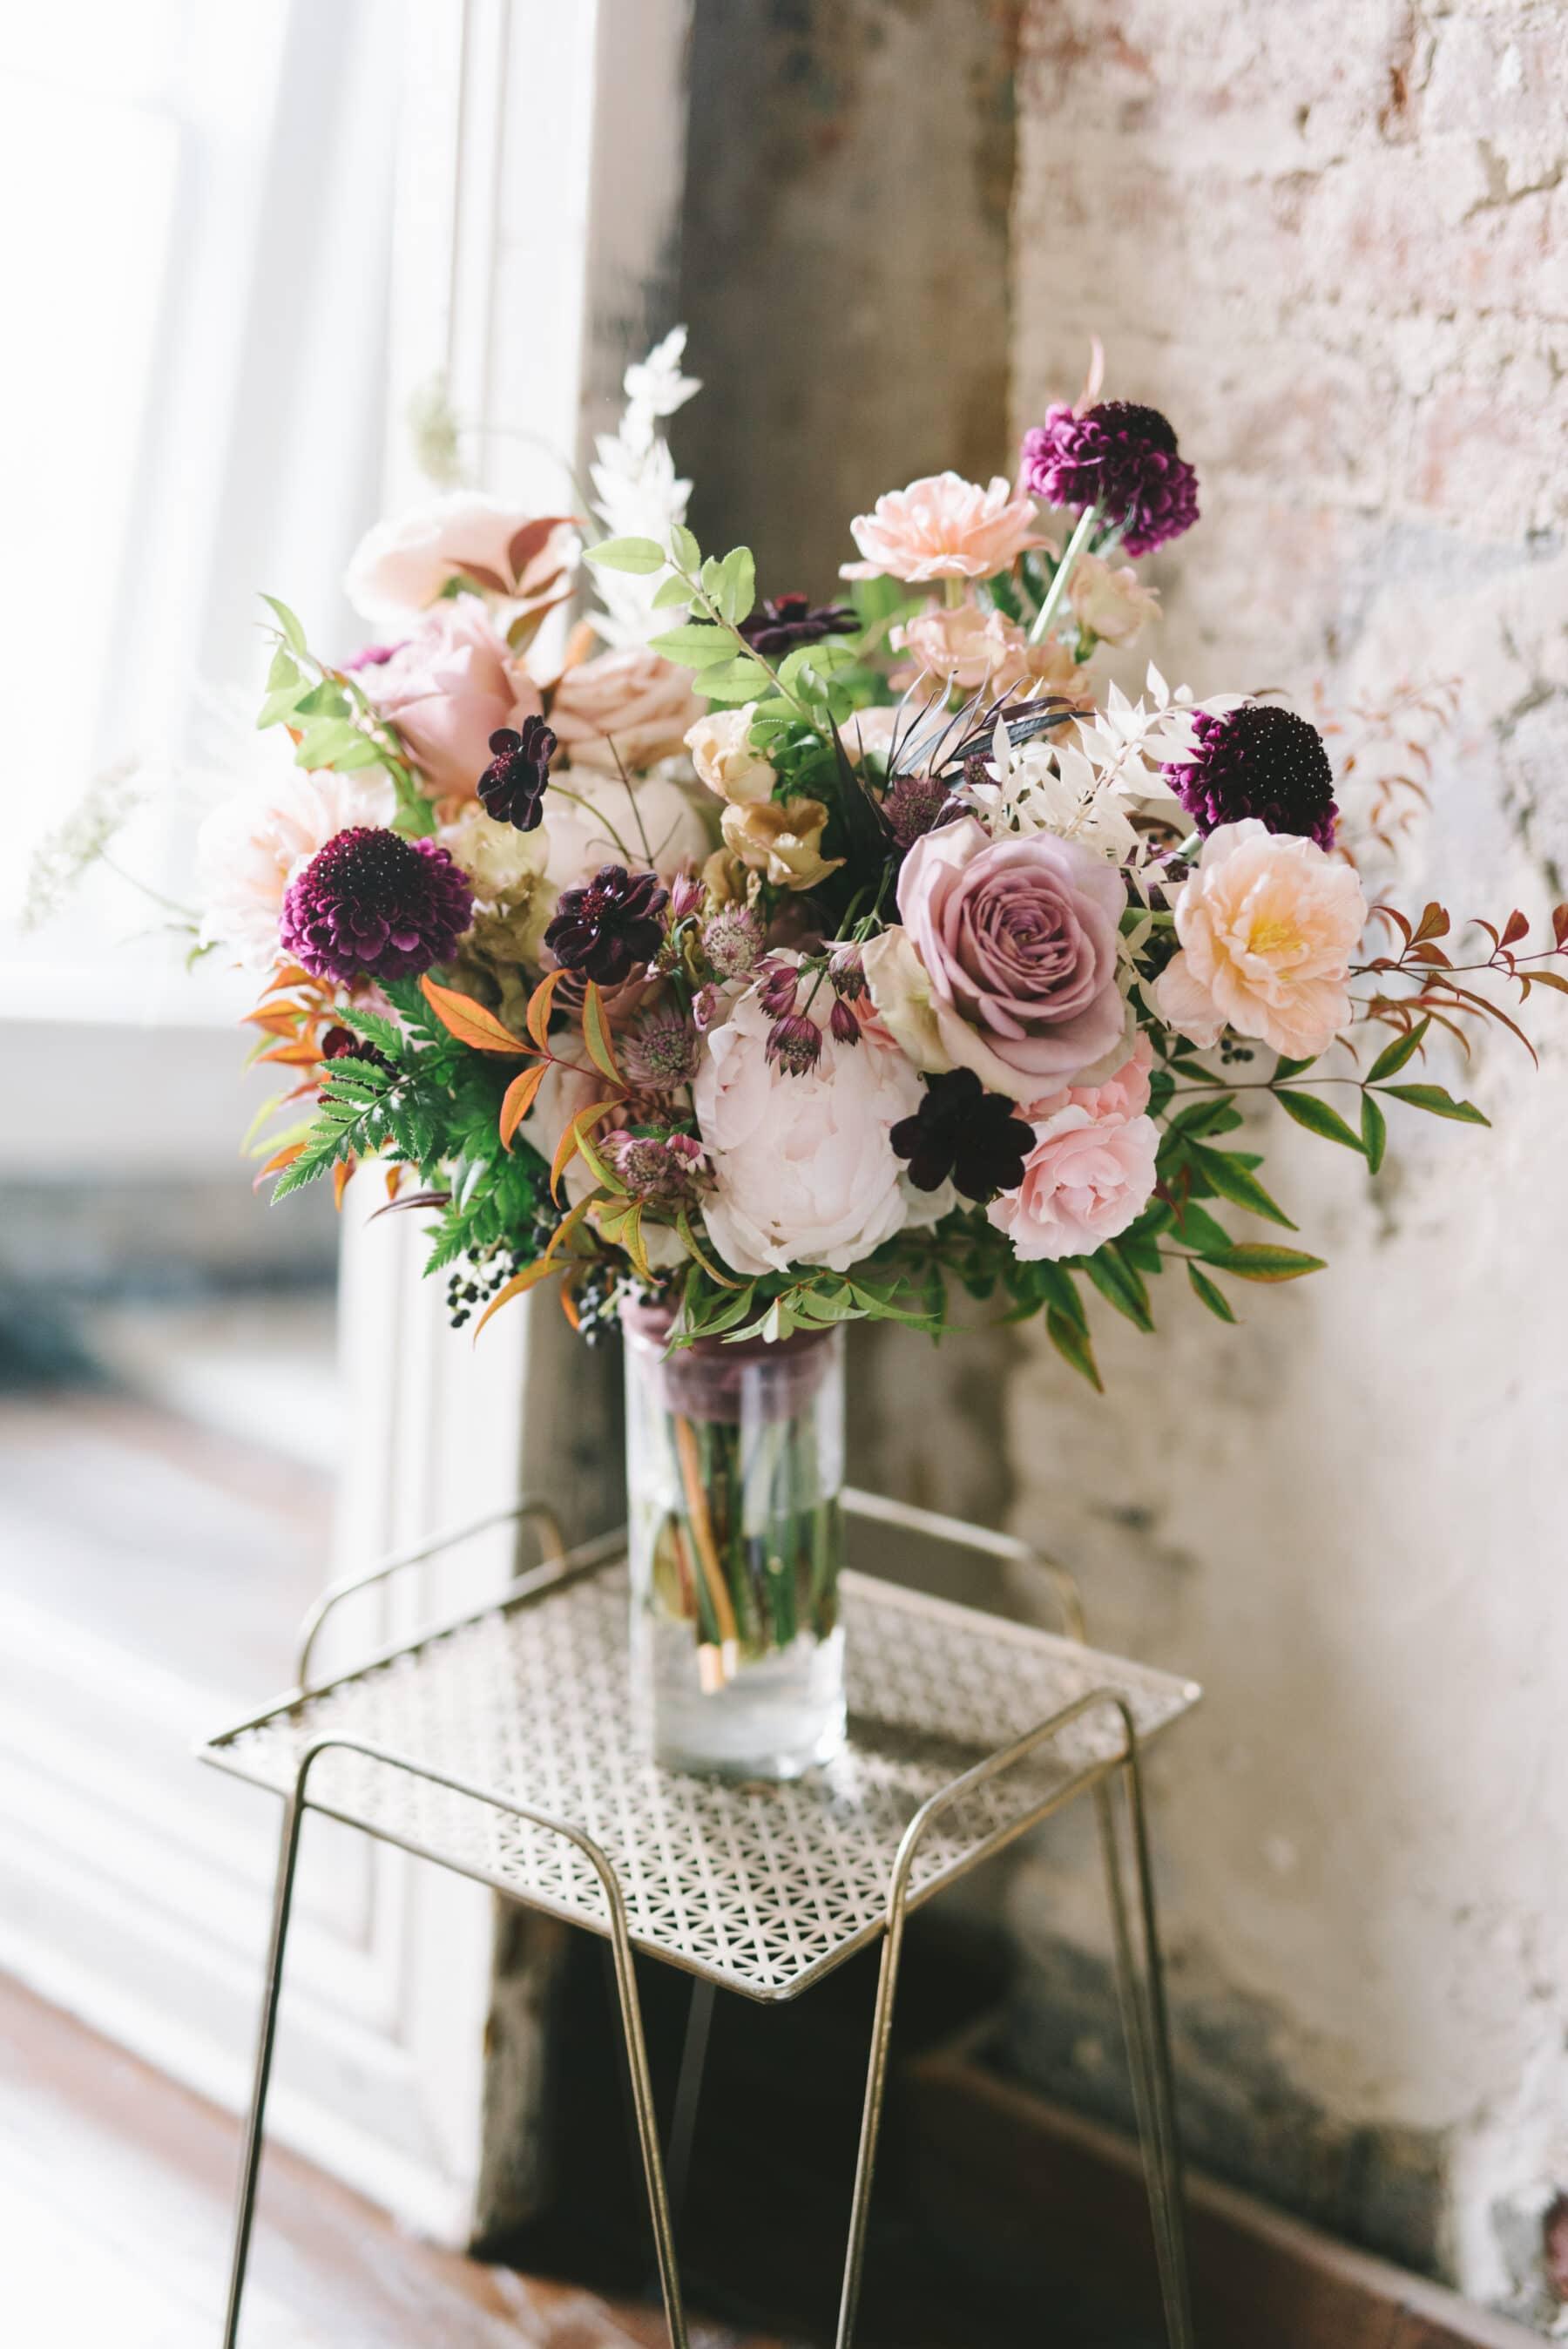 Mauve and Burgundy Wedding Bouquet | Nashville Bride Guide